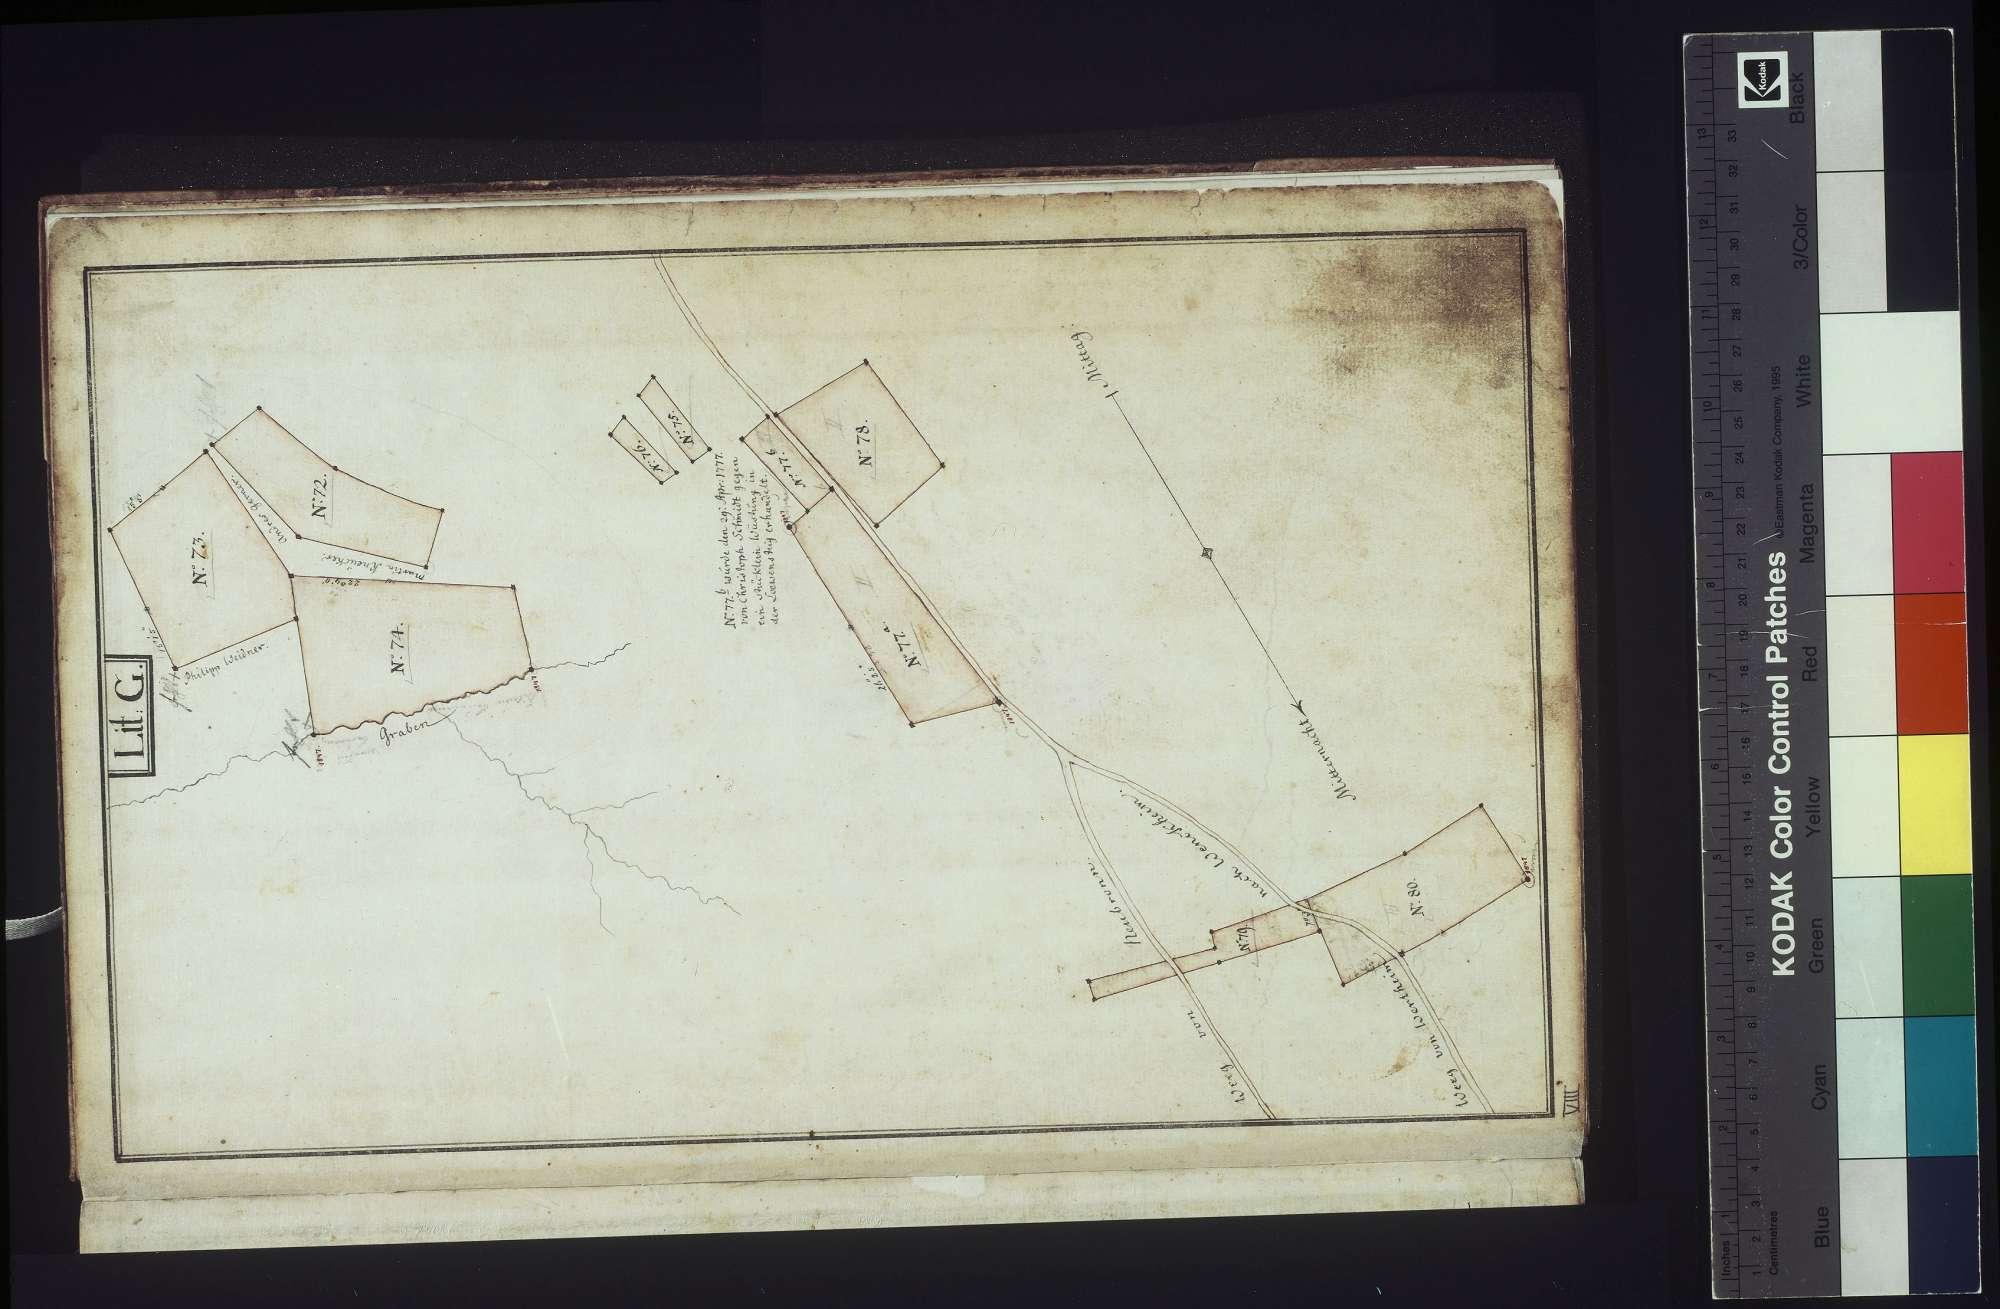 [Lagerbuch oder Beschreibung der gemeinherrschaftlich löwenstein-wertheimischen Hofgüter zu Wenkheim], Bild 1